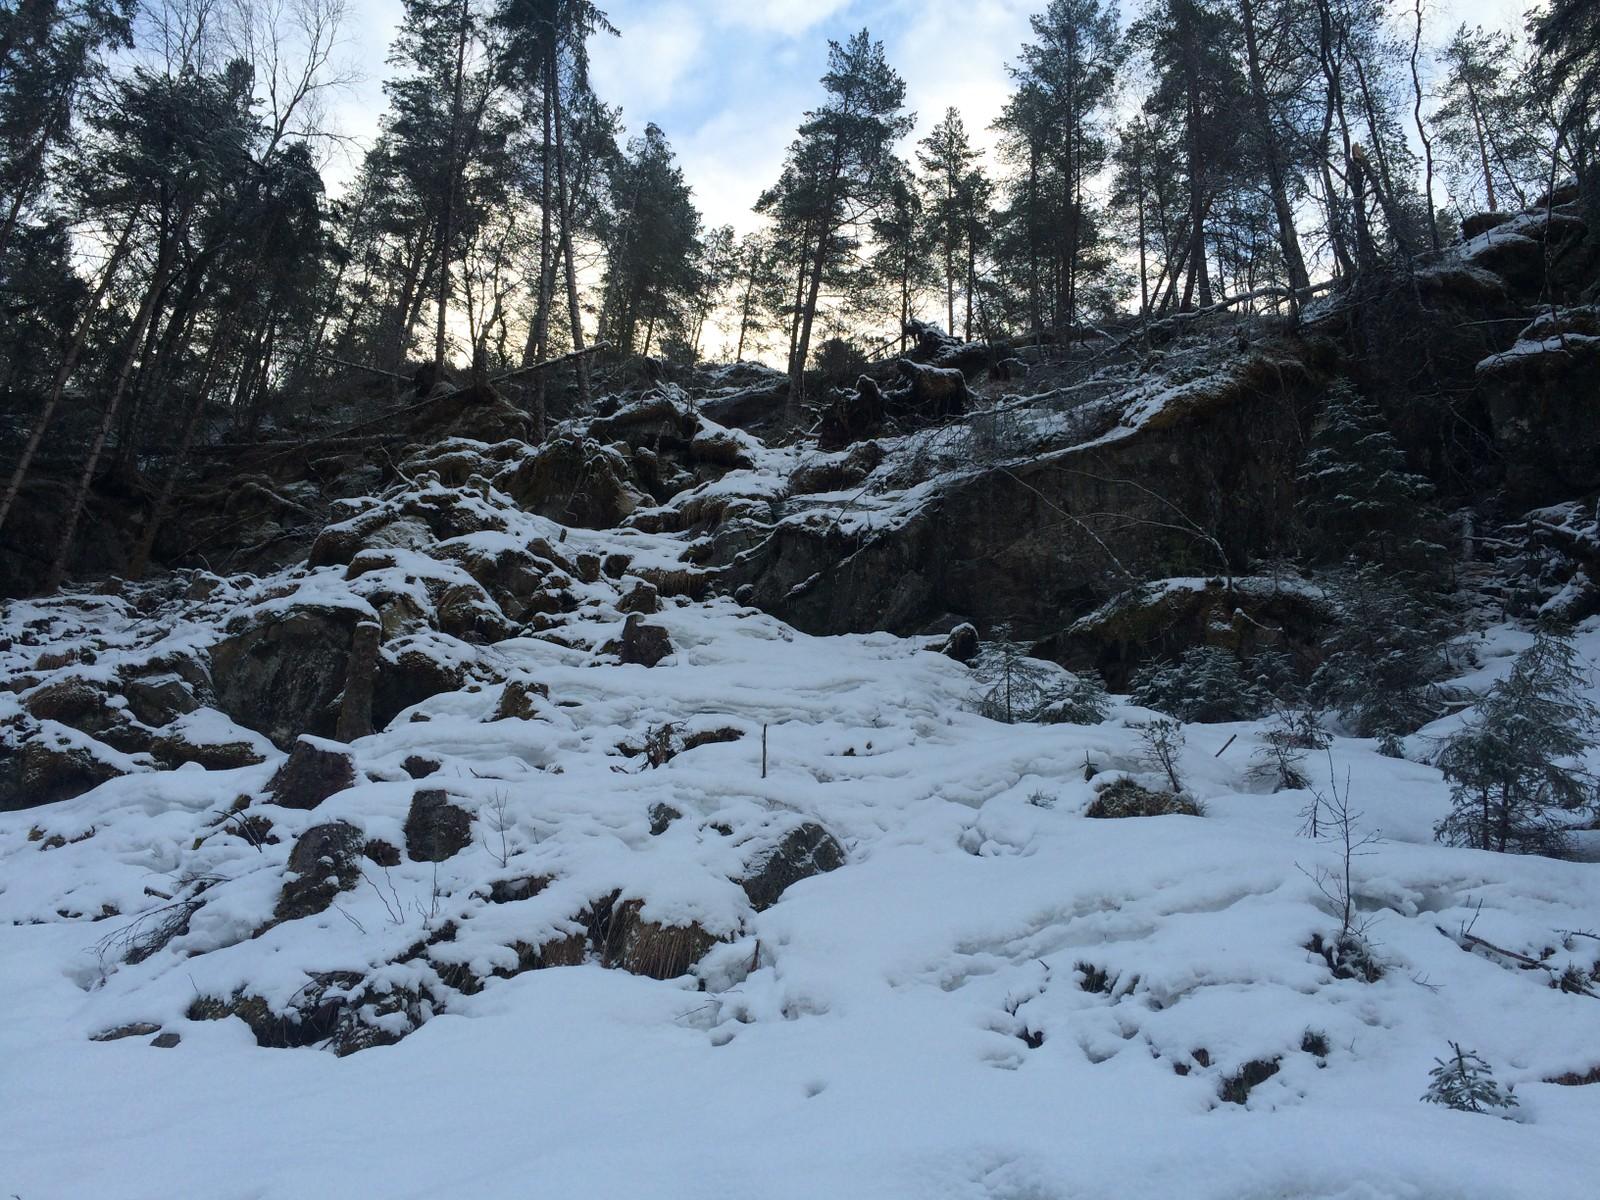 SIKRAR: Norsk Bergsikring har så mykje å gjere at dei har auka talet på tilsette frå seks til 34 på to år.